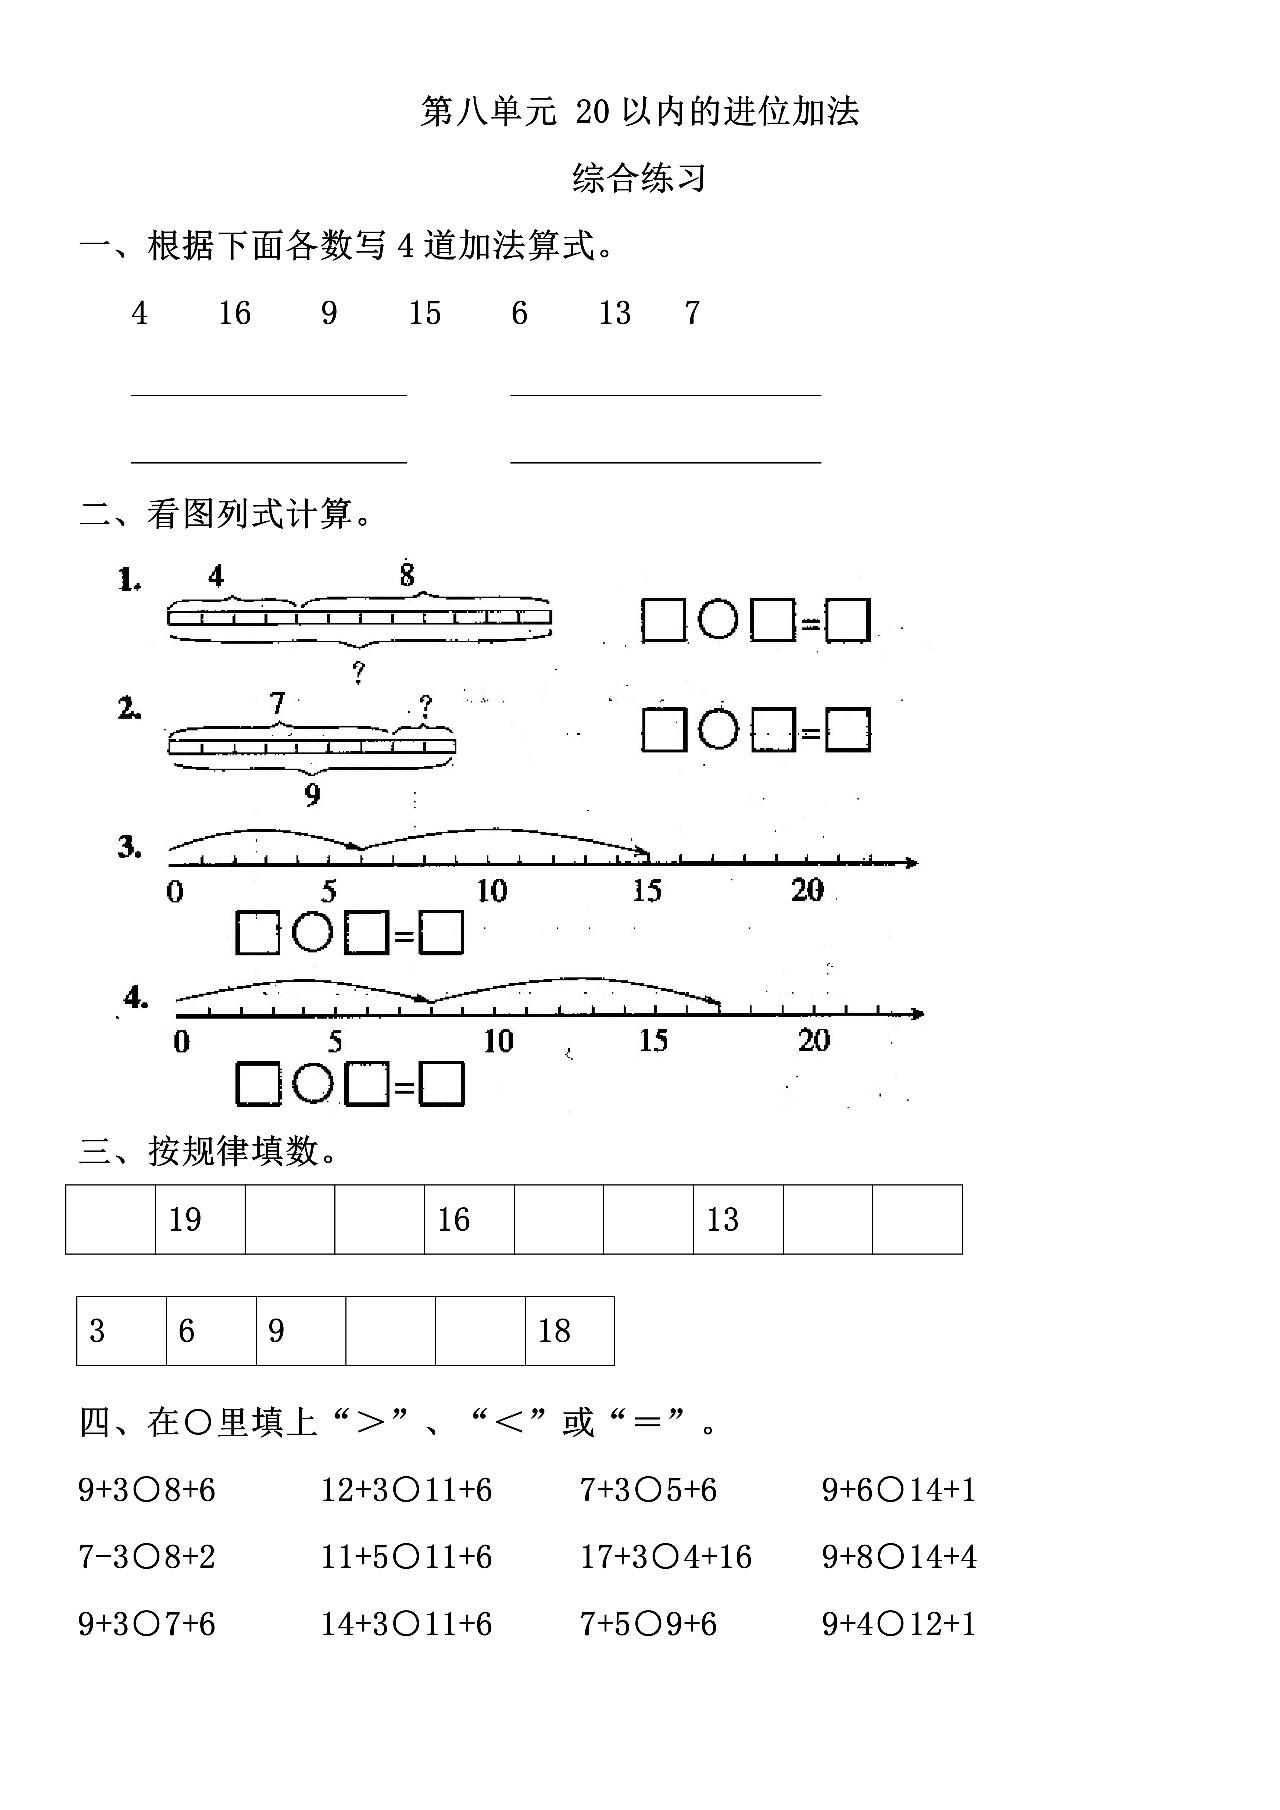 """38.【一年级数学】上册20以内进位加法专题复习卷"""""""